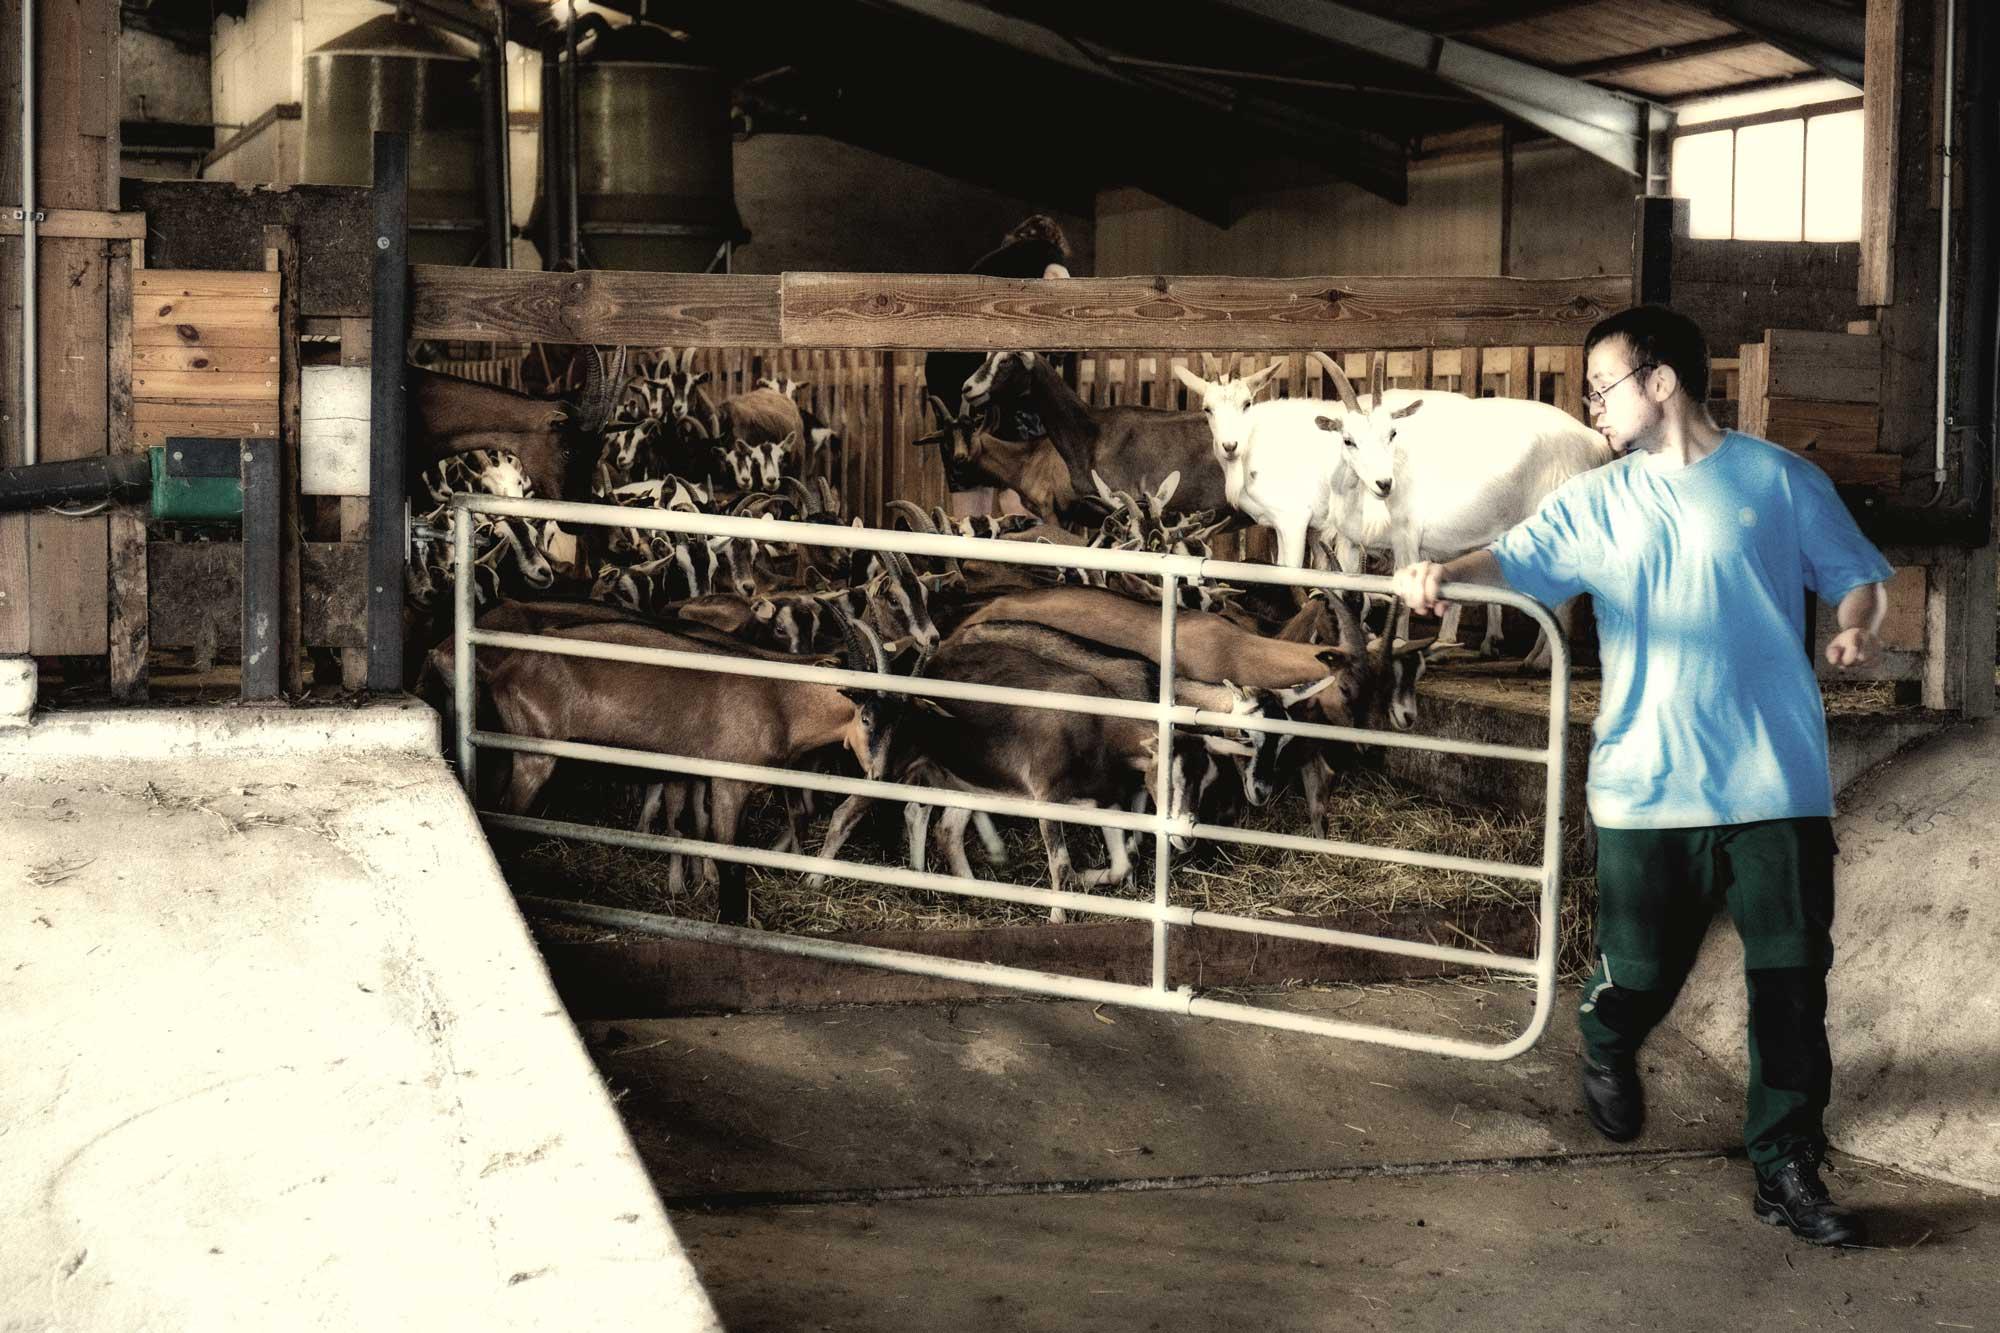 Weiße Hube, ökologische und soziale Landwirtschaft, Bioziegenkäse, Ziegenkäse